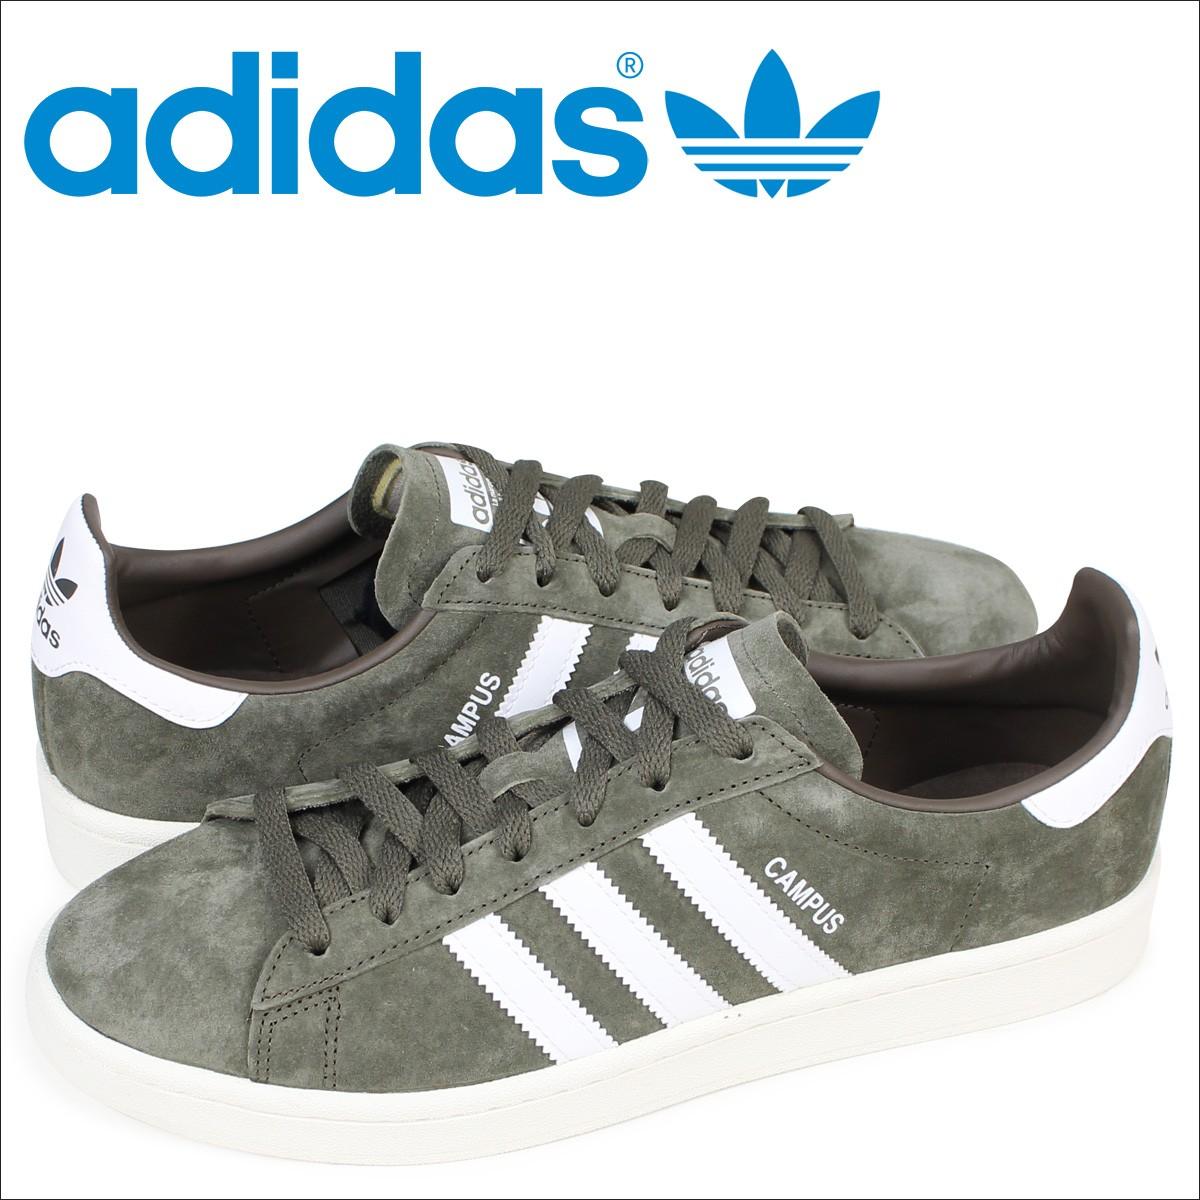 アディダス キャンパス adidas Originals スニーカー CAMPUS メンズ CQ2081 靴 ブラウン [12/15 新入荷]